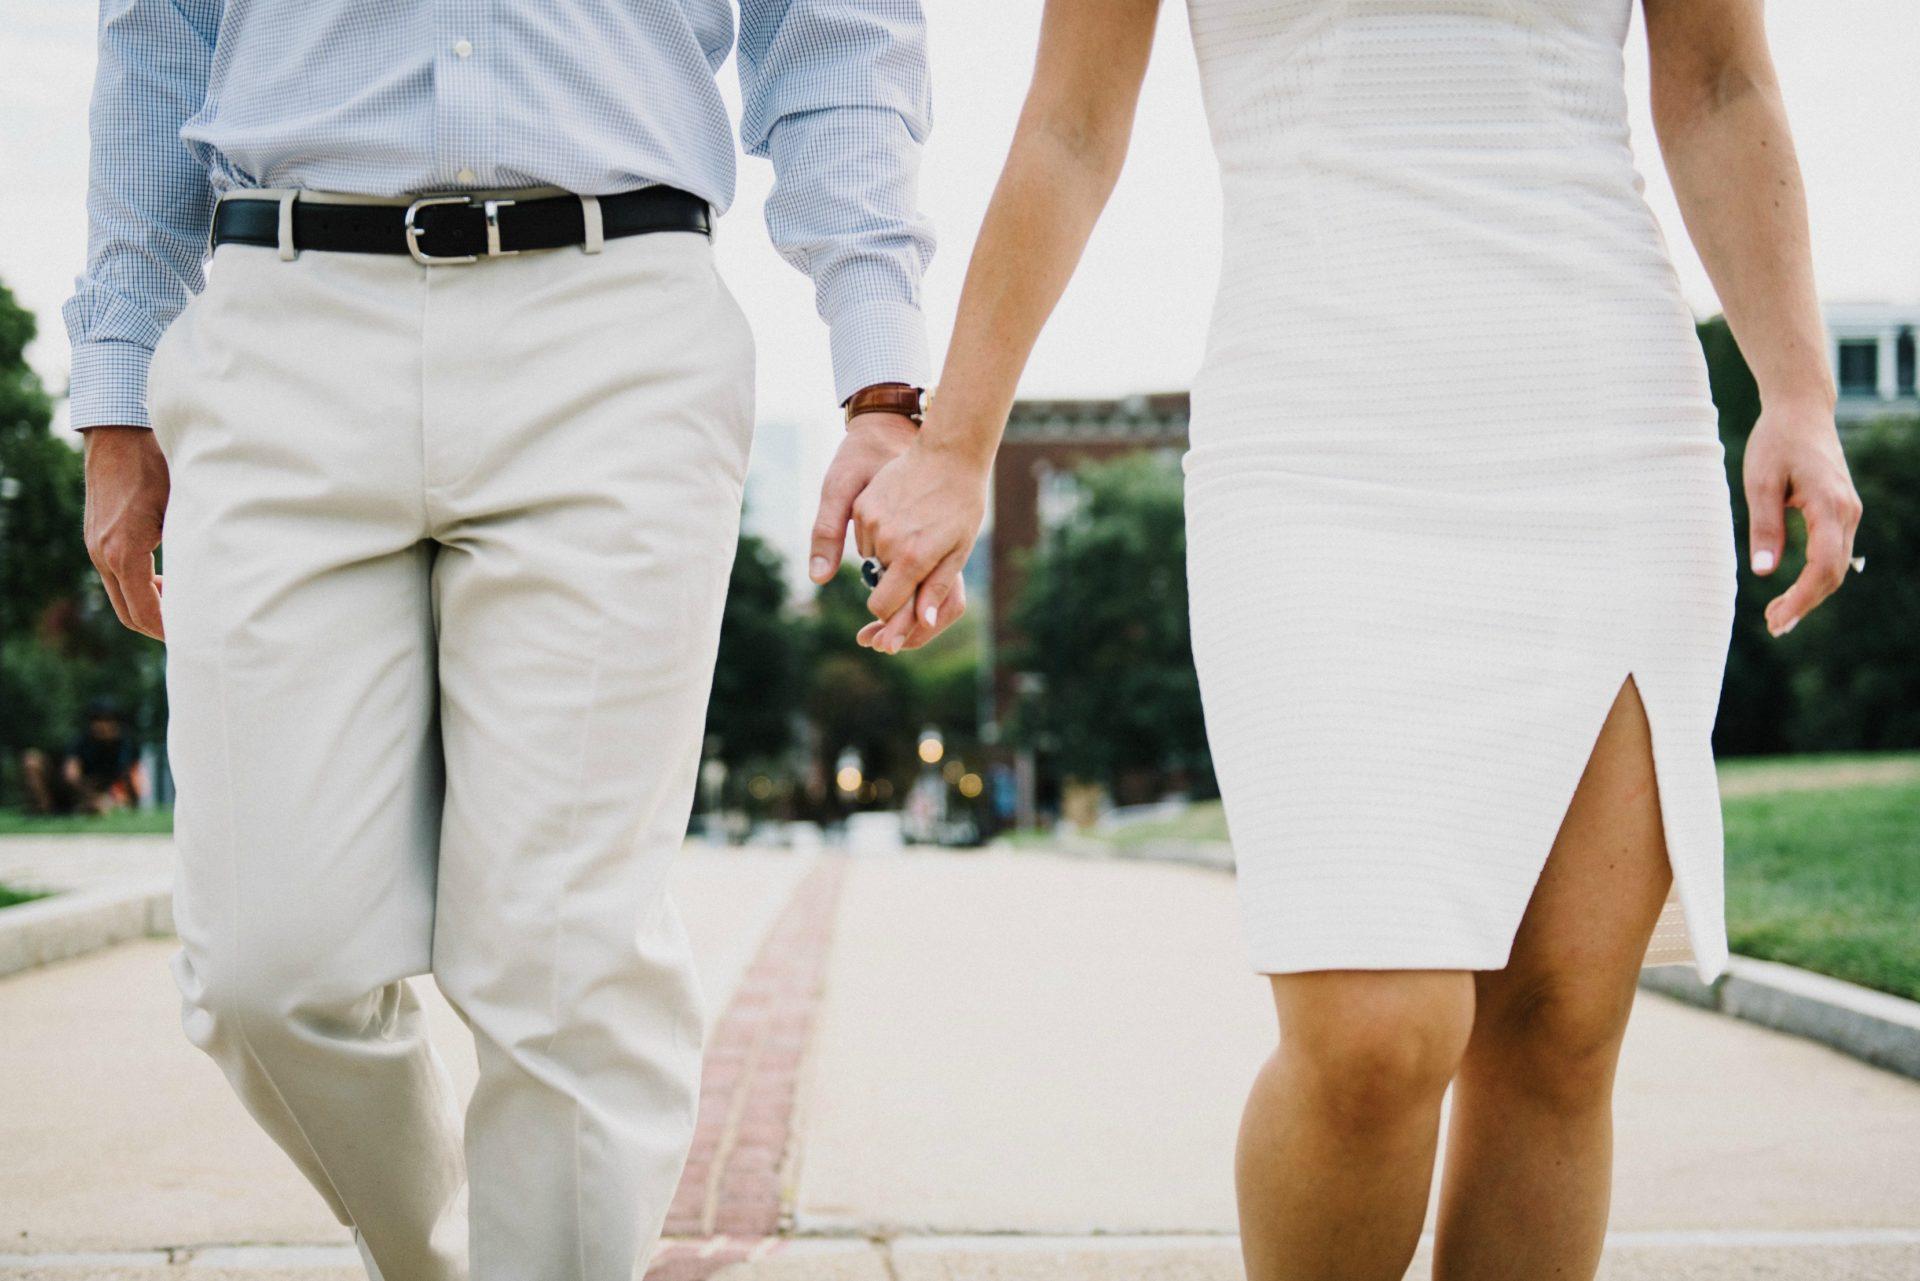 Das-perfekt-Outfit-fuer-Hochzeitsgaeste